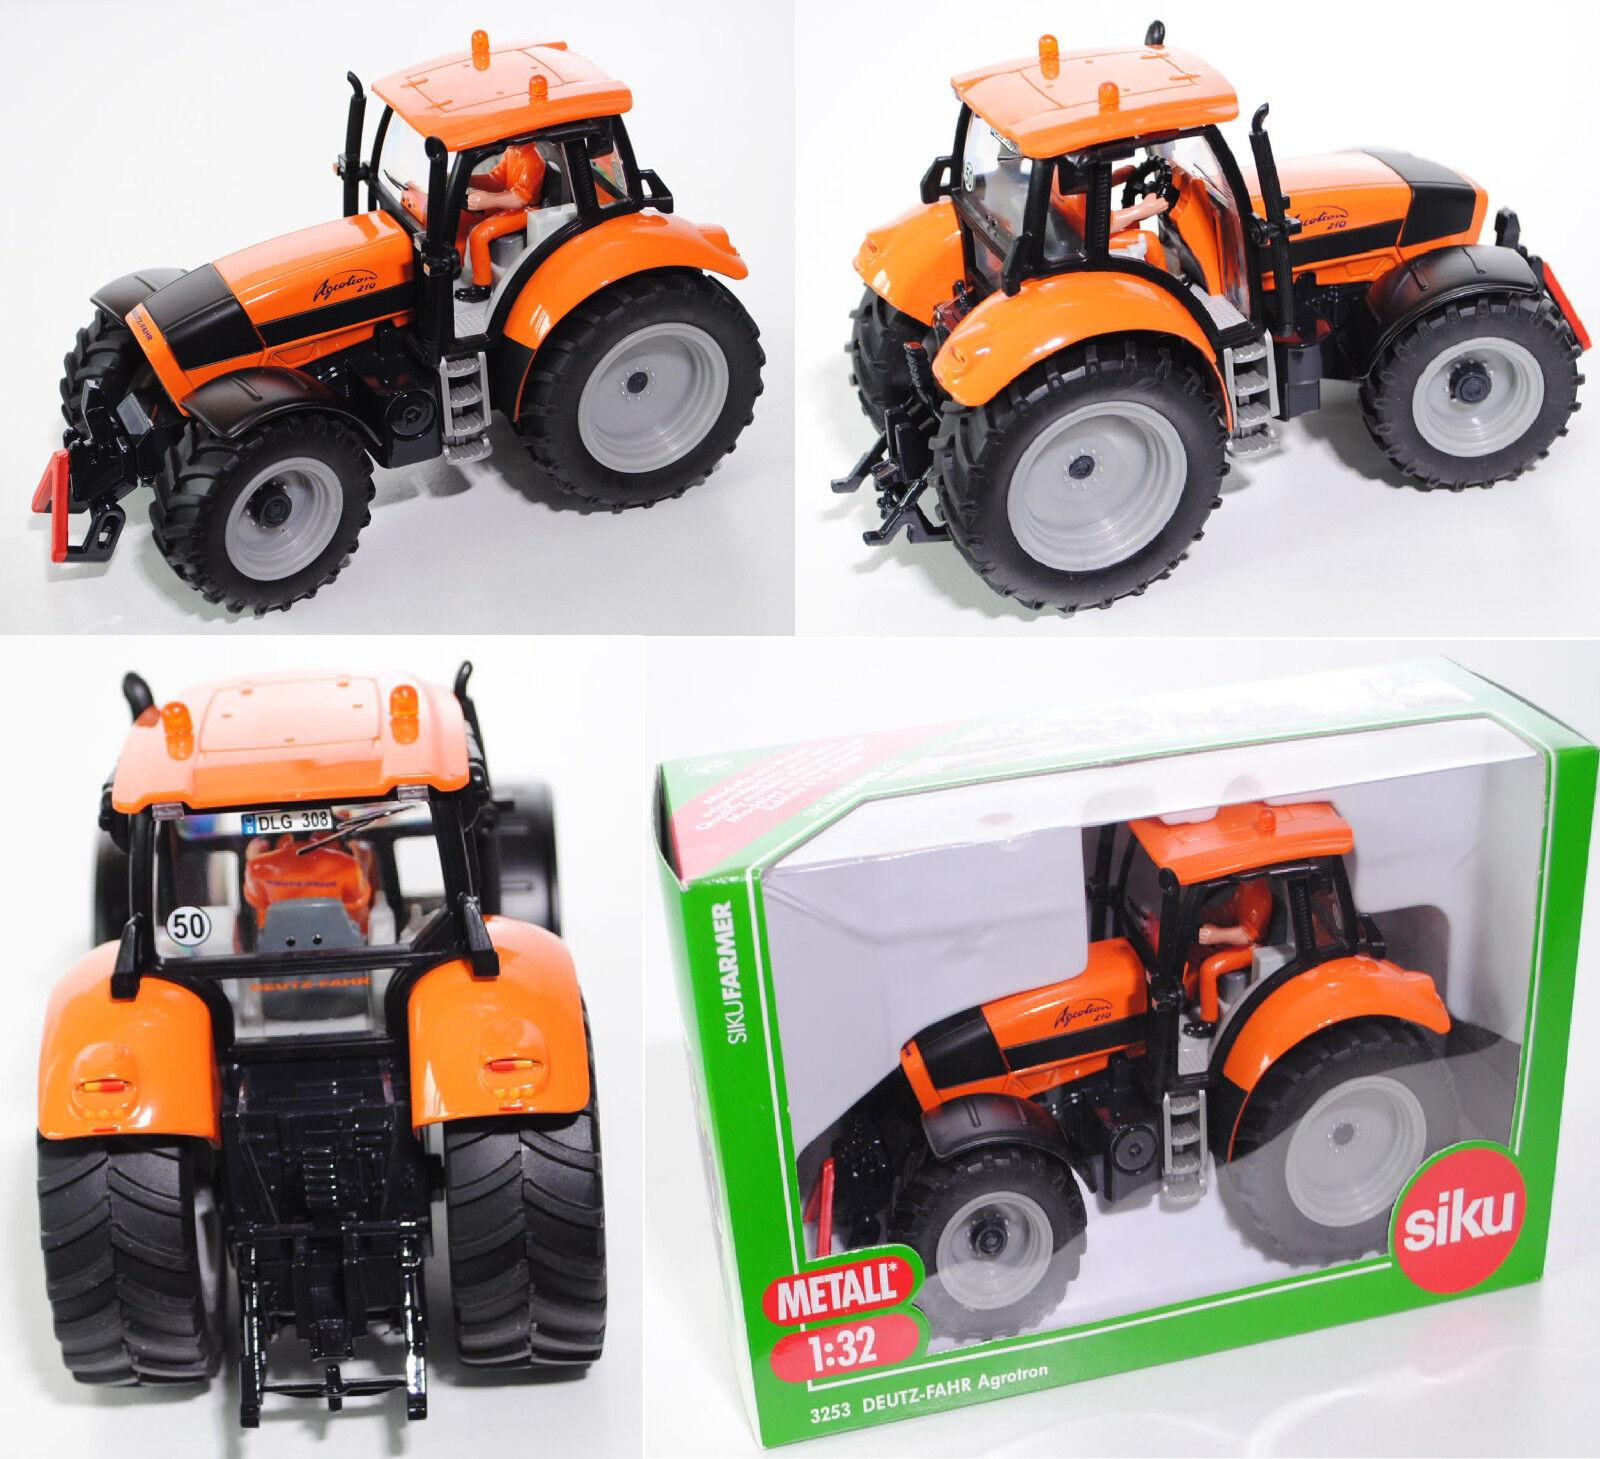 SIKU FARMER 3253 Deutz-Fahr Agrougeron 210 tracteur, 1 32, spécial modèle sikumuseum